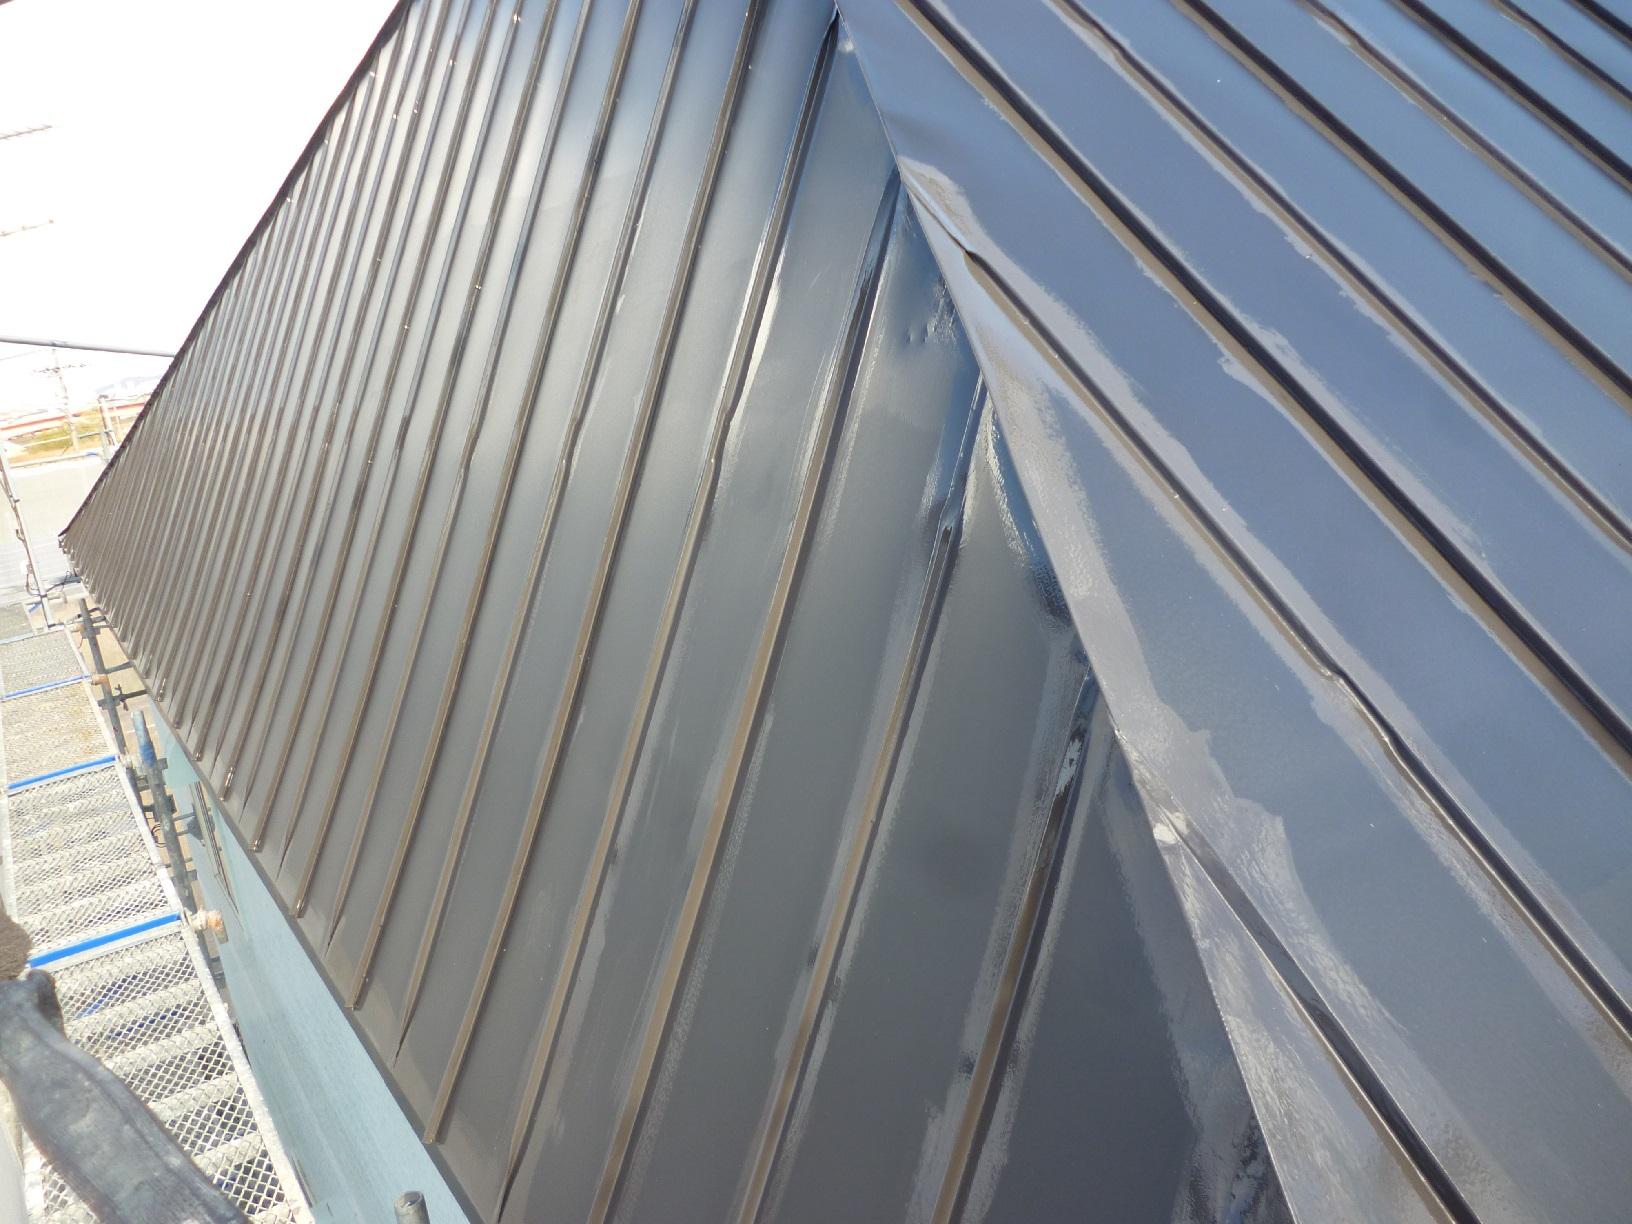 貝塚コーポサンライト 屋根 上塗3